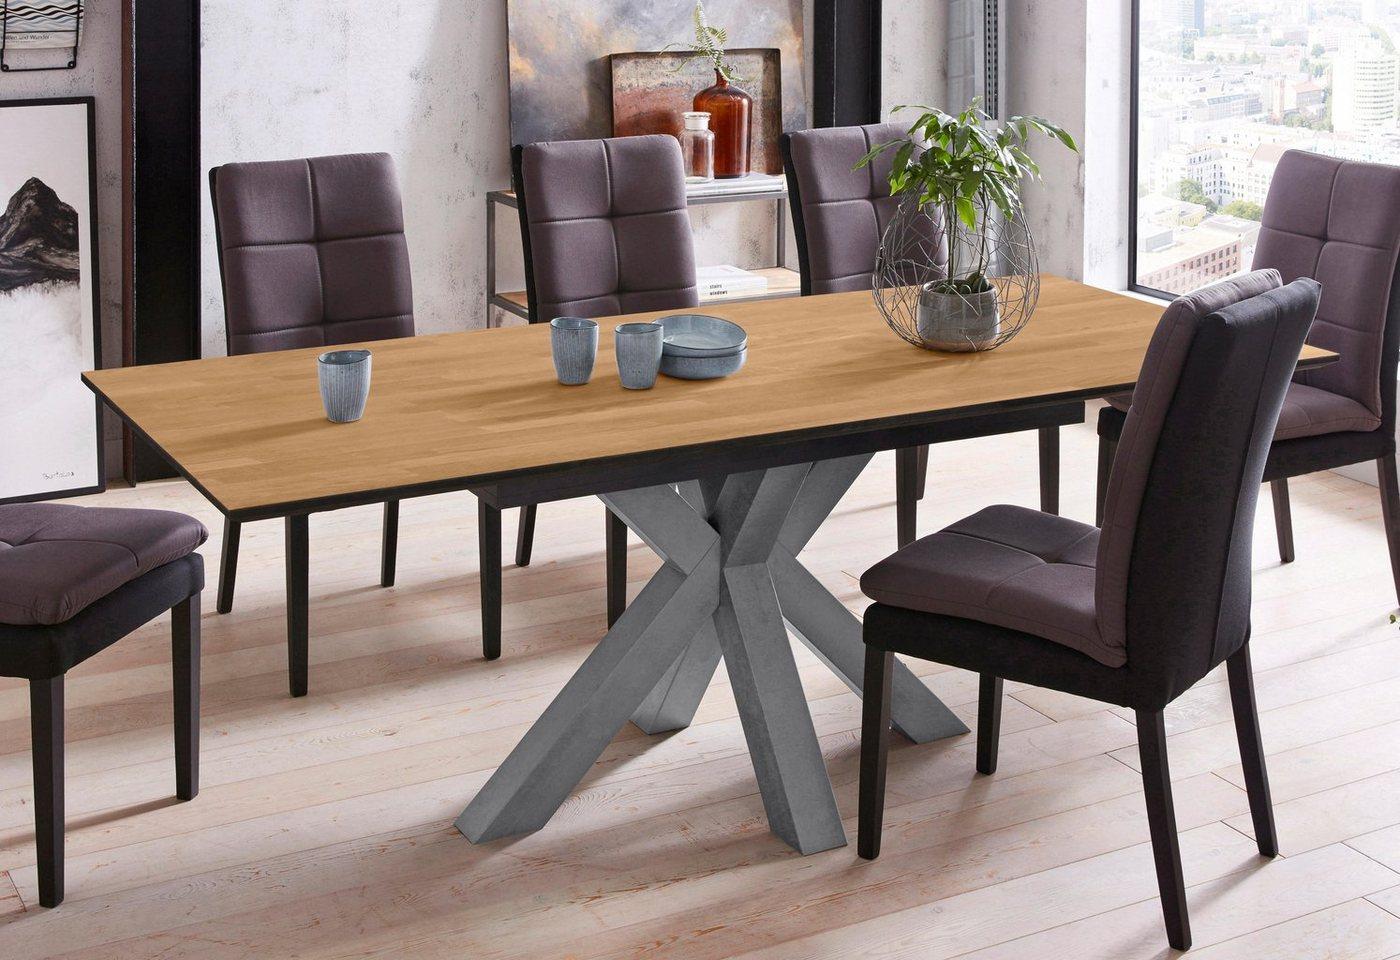 Mäusbacher Esstisch ausziehbar mit Beinen in Sternenform – graphit/oak